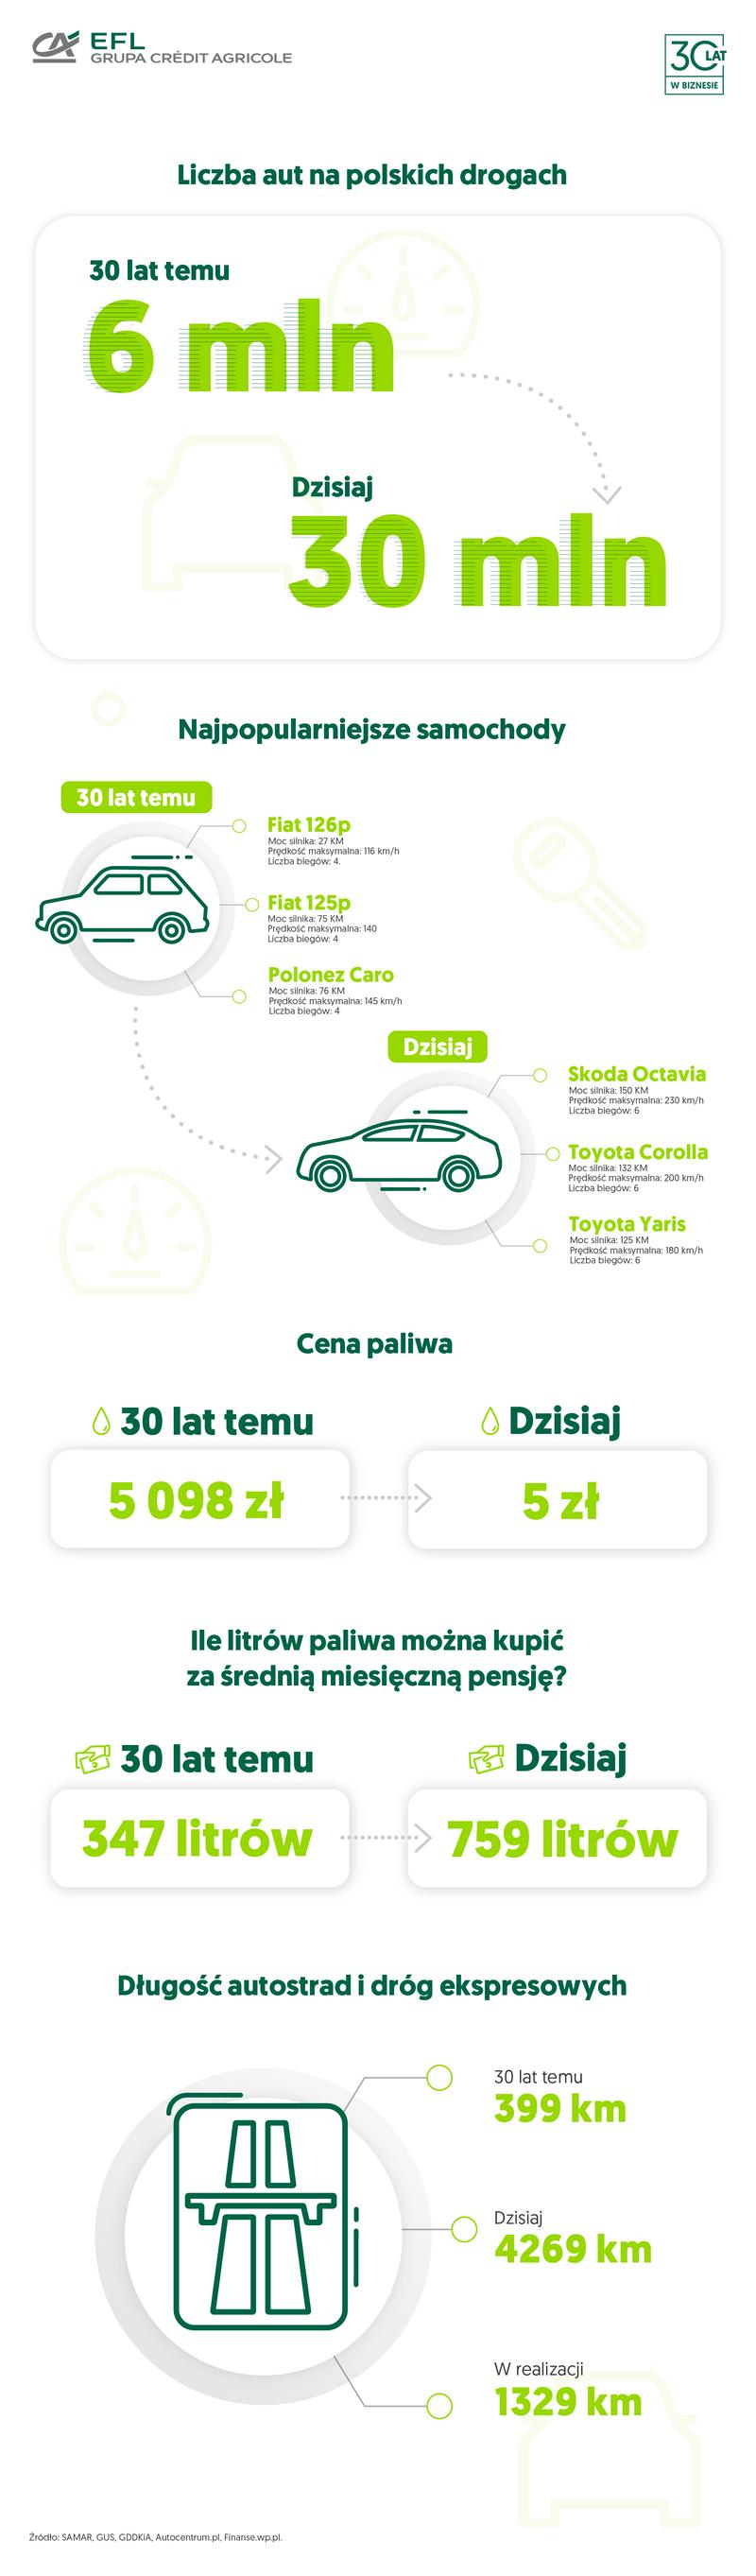 EFL-rynek-motoryzacyjny-dzis-i-30-lat-temu-infografika